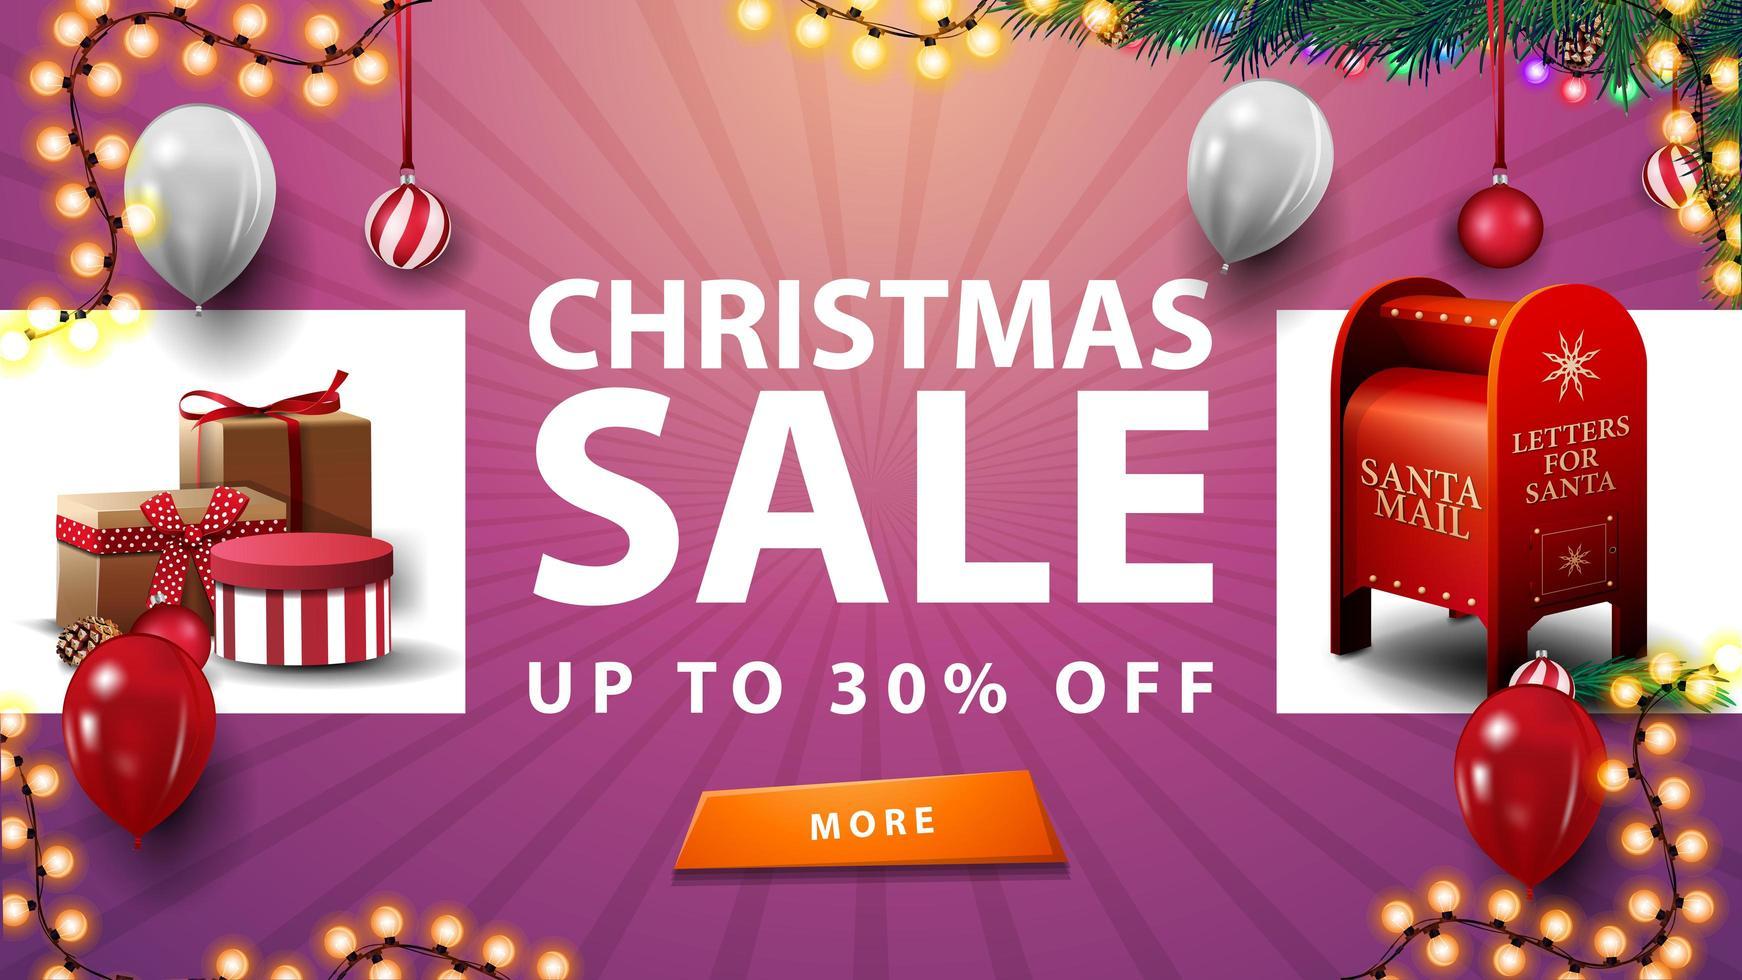 julförsäljning, upp till 30 rabatt, rosa rabattbanner med julklappar, krans, vita ballonger, knapp och santa brevlåda vektor